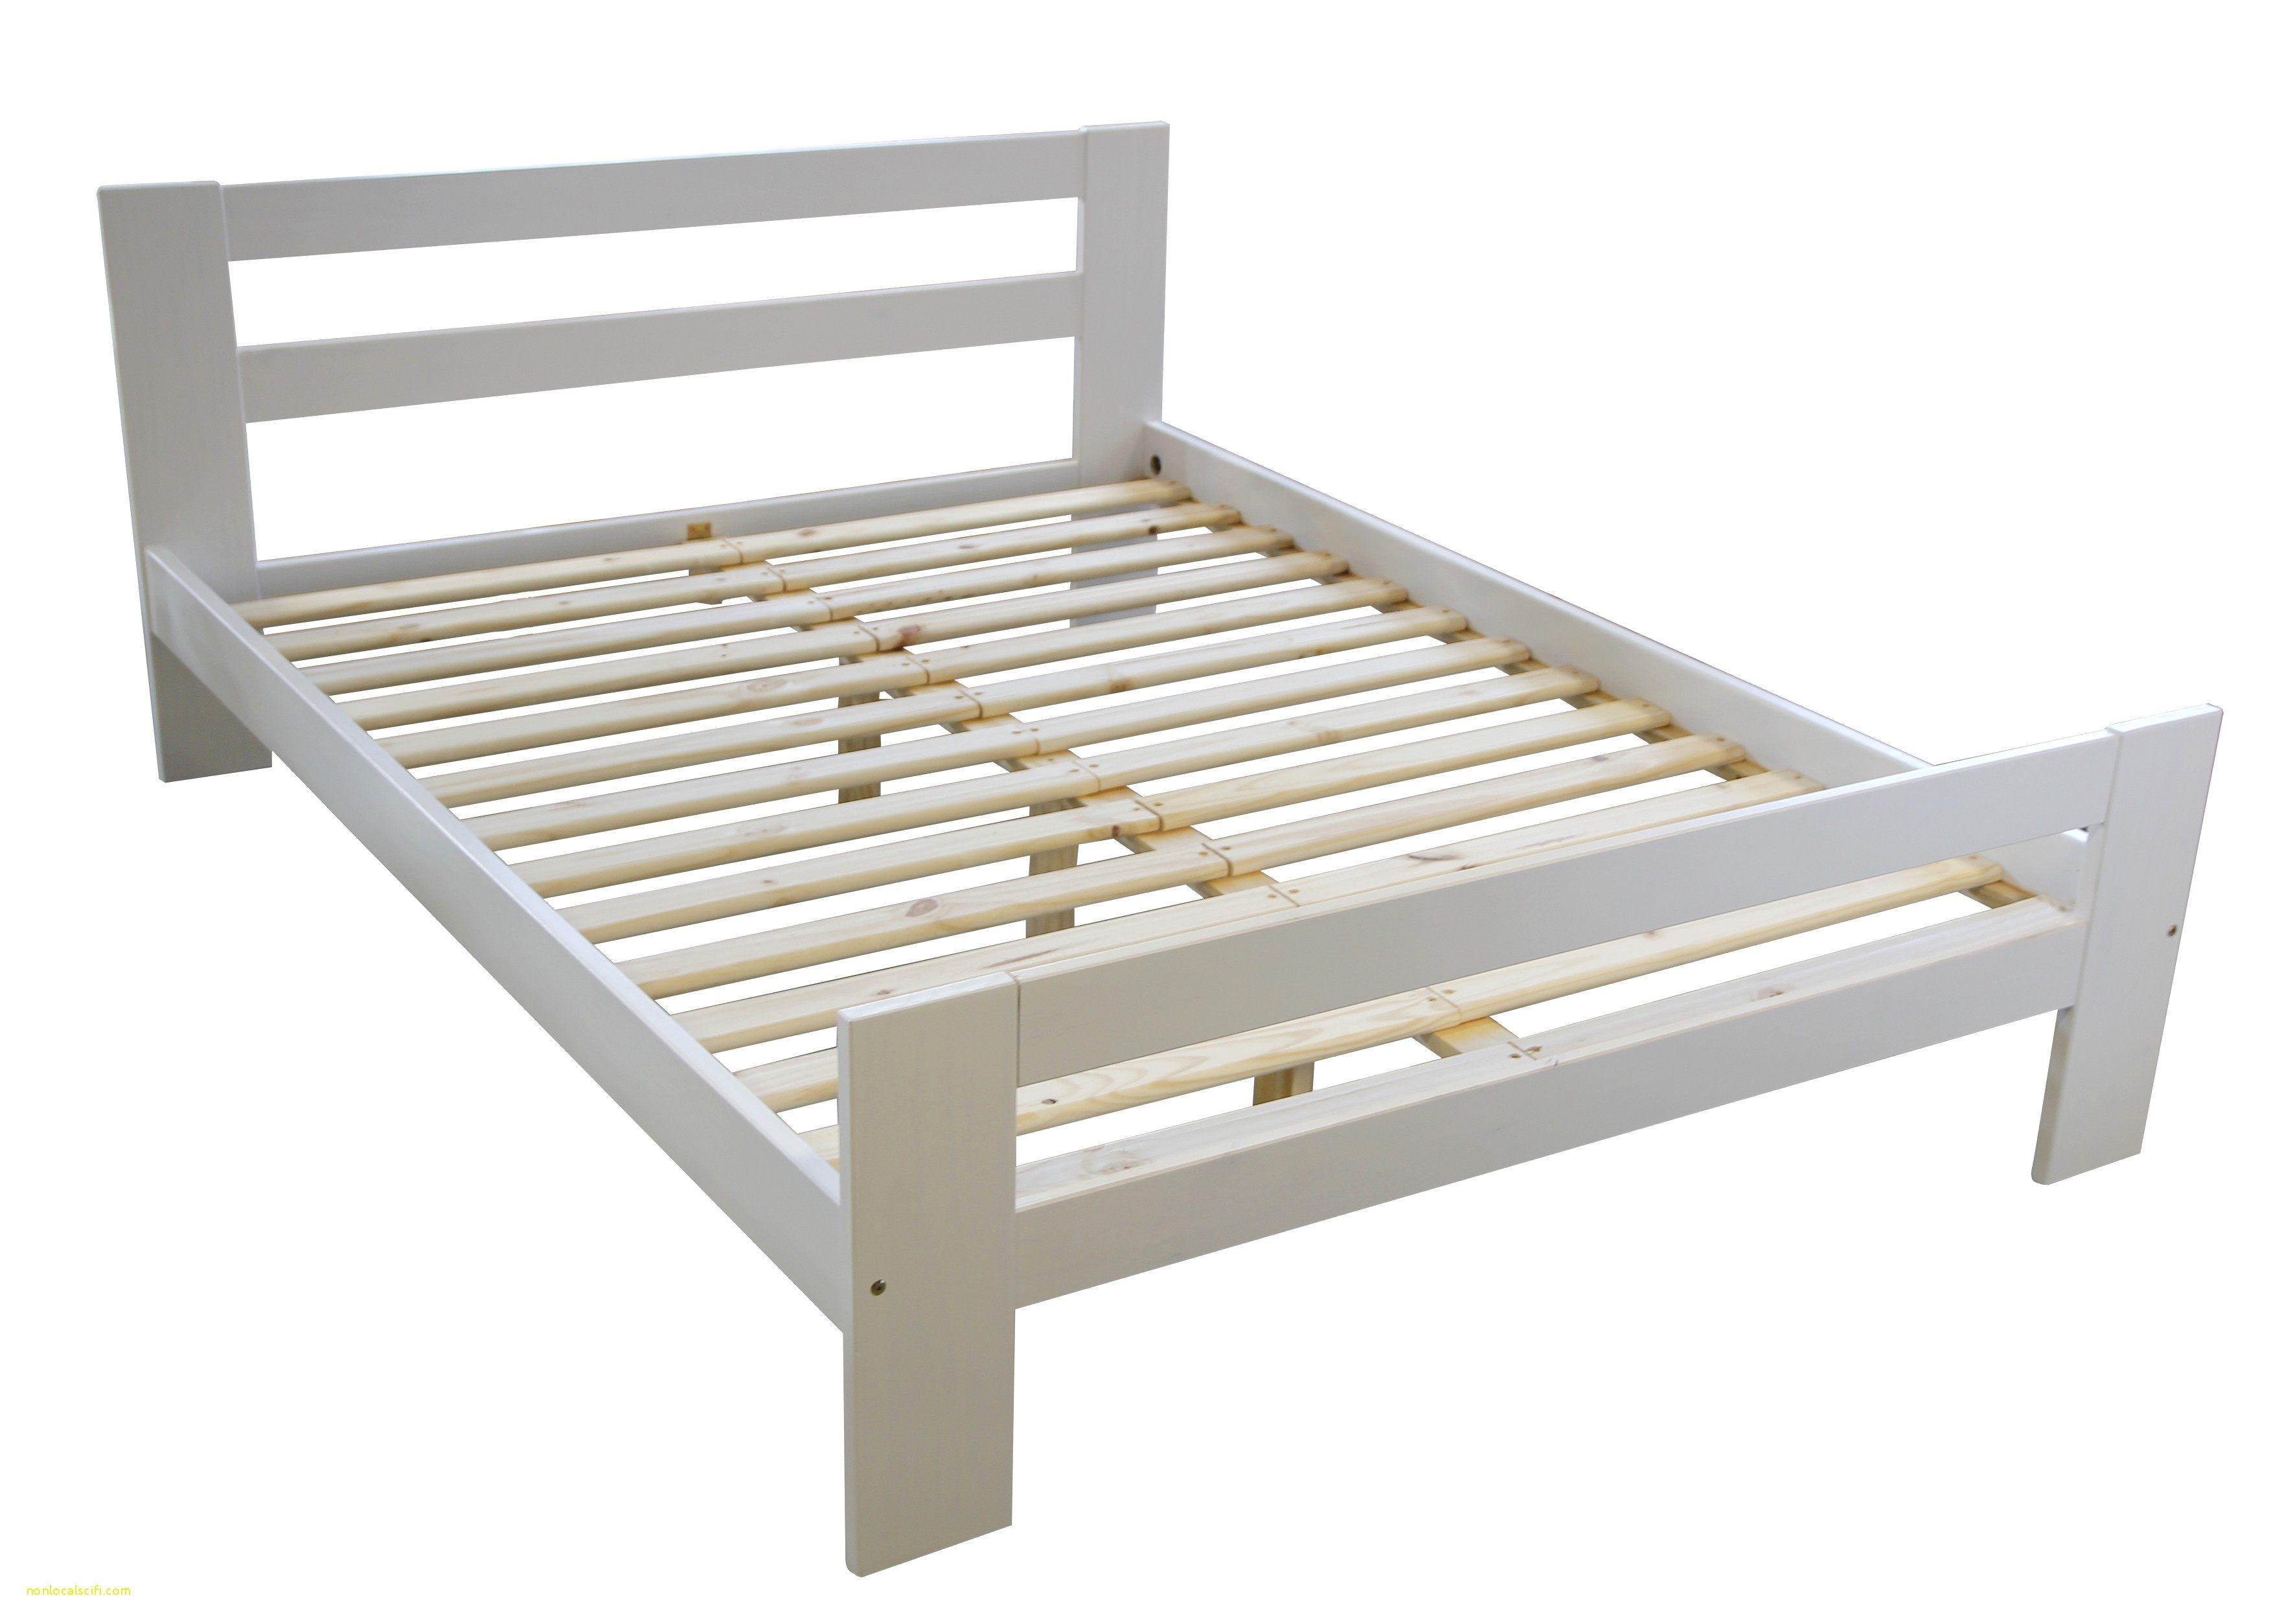 Lit Matelas sommier Pas Cher Belle Résultat Supérieur Matelas sommier Unique sommier Ikea 160—200 Best